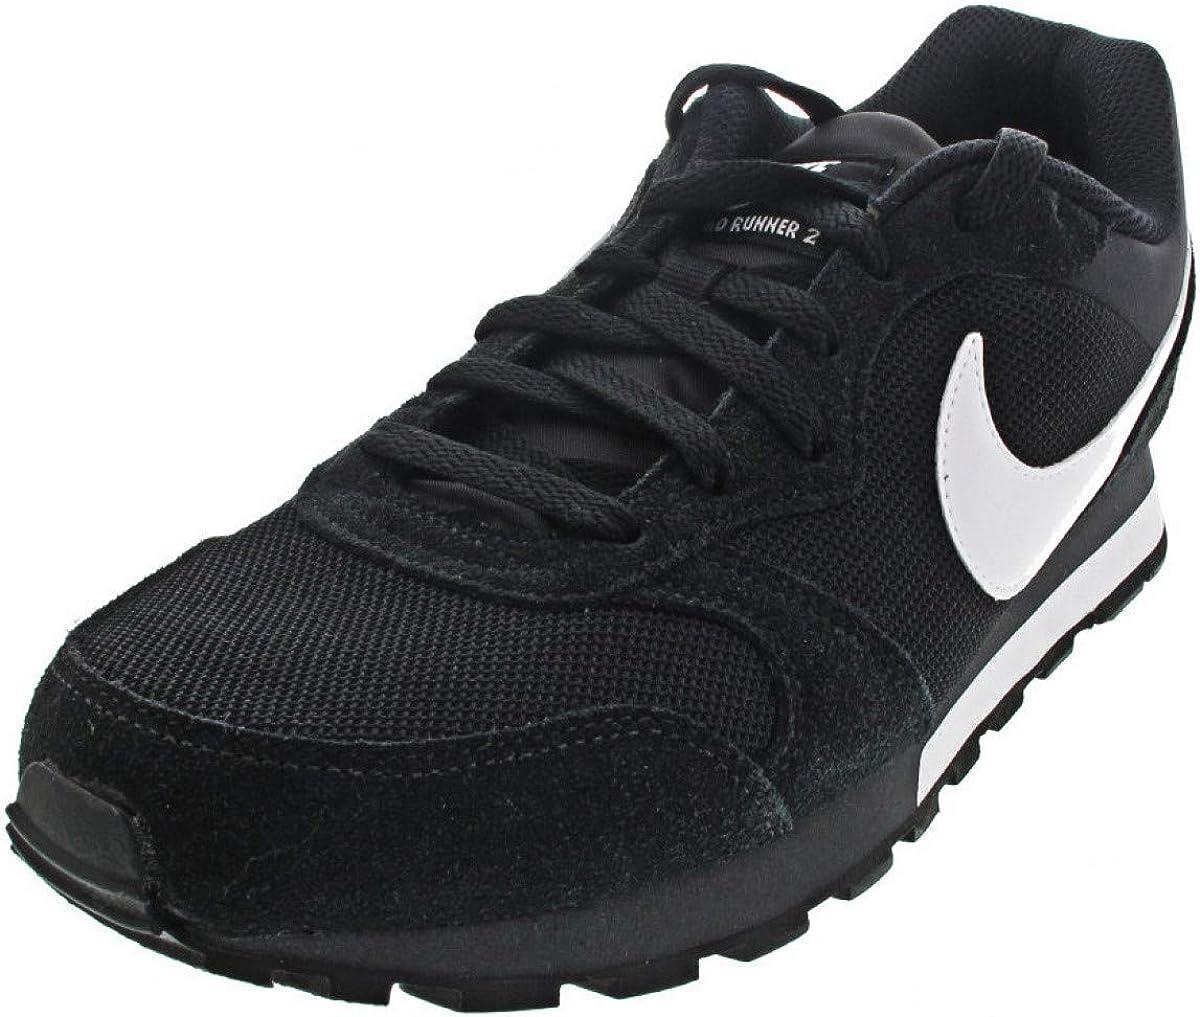 NIKE MD Runner 2, Zapatillas de Correr para Hombre: Amazon.es ...